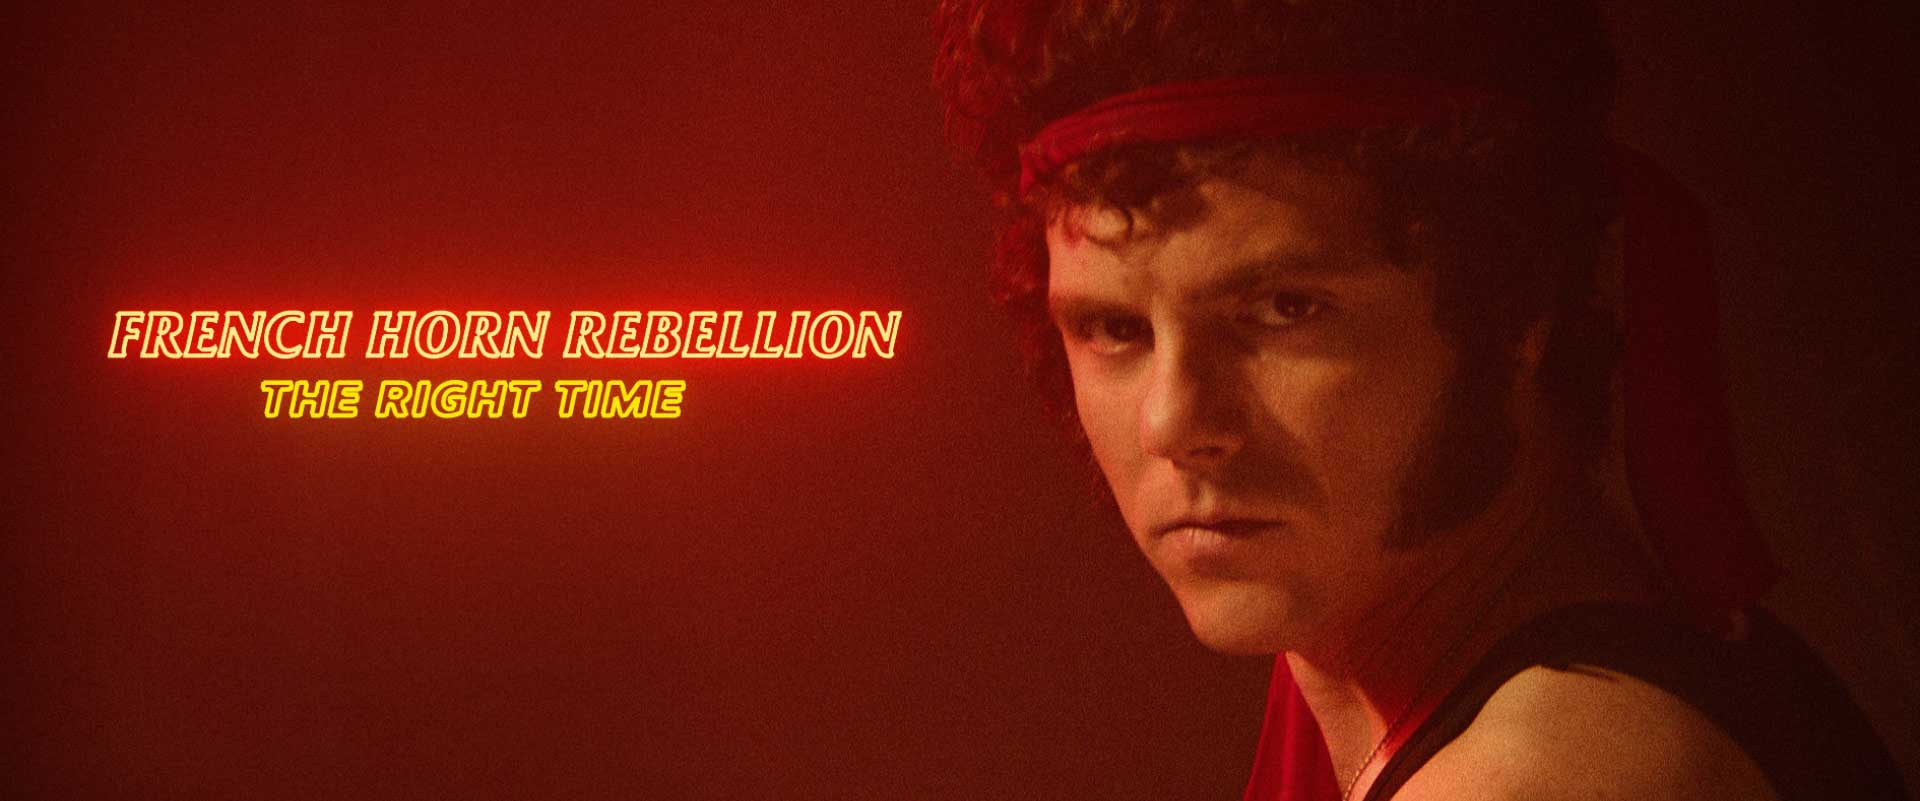 French horn rebellion 2_Color.jpg